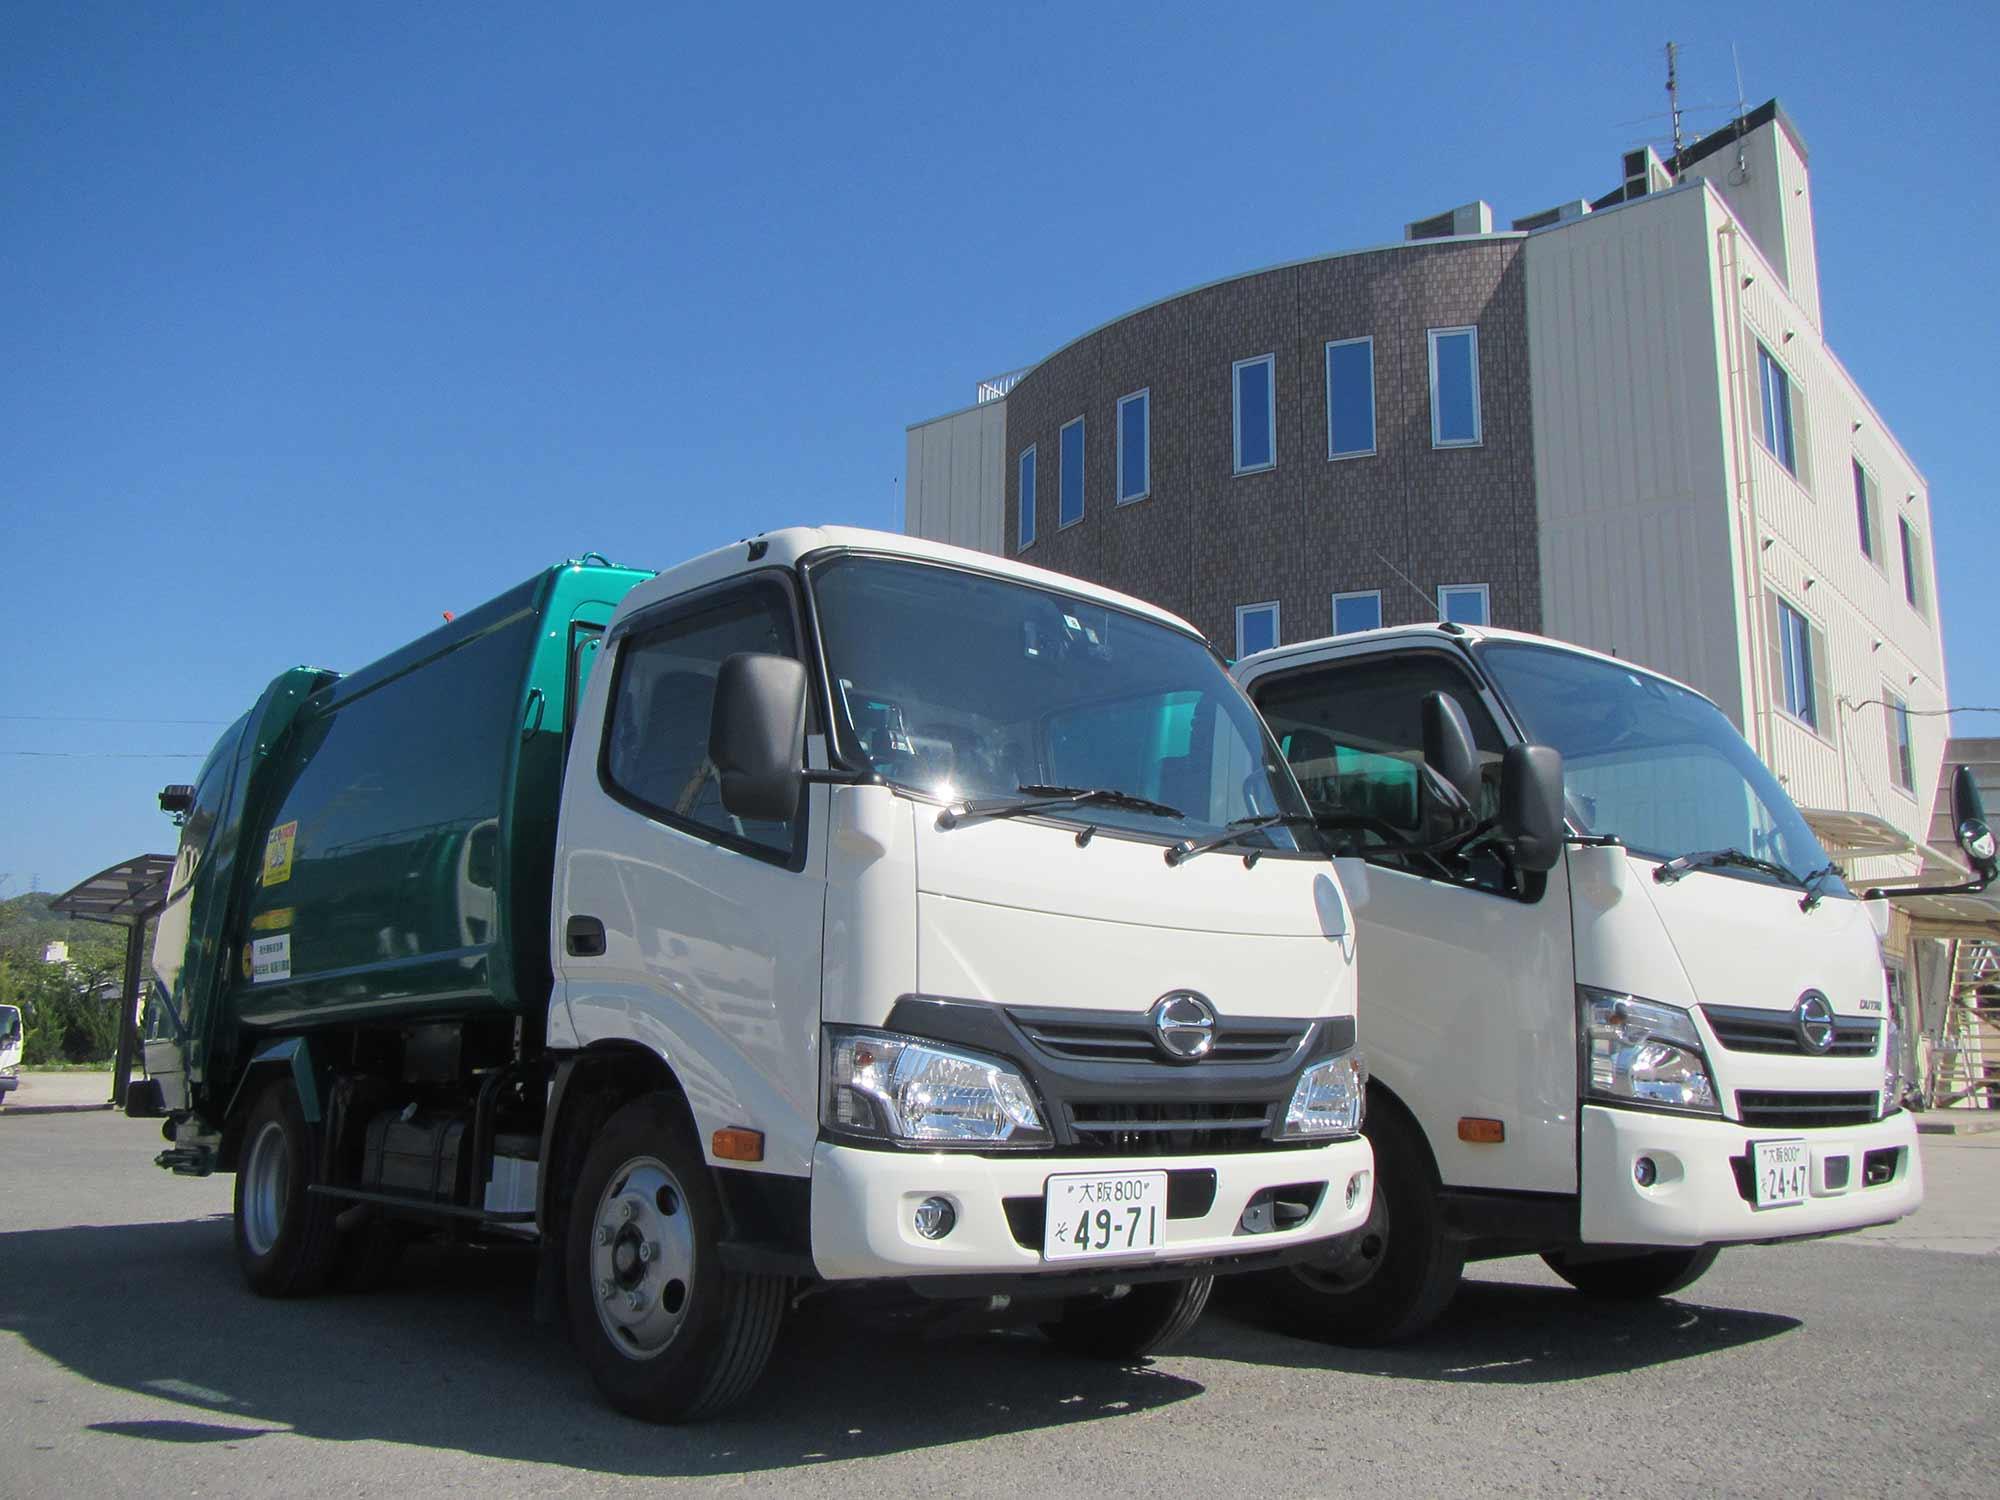 一般廃棄物収集運搬業の車両